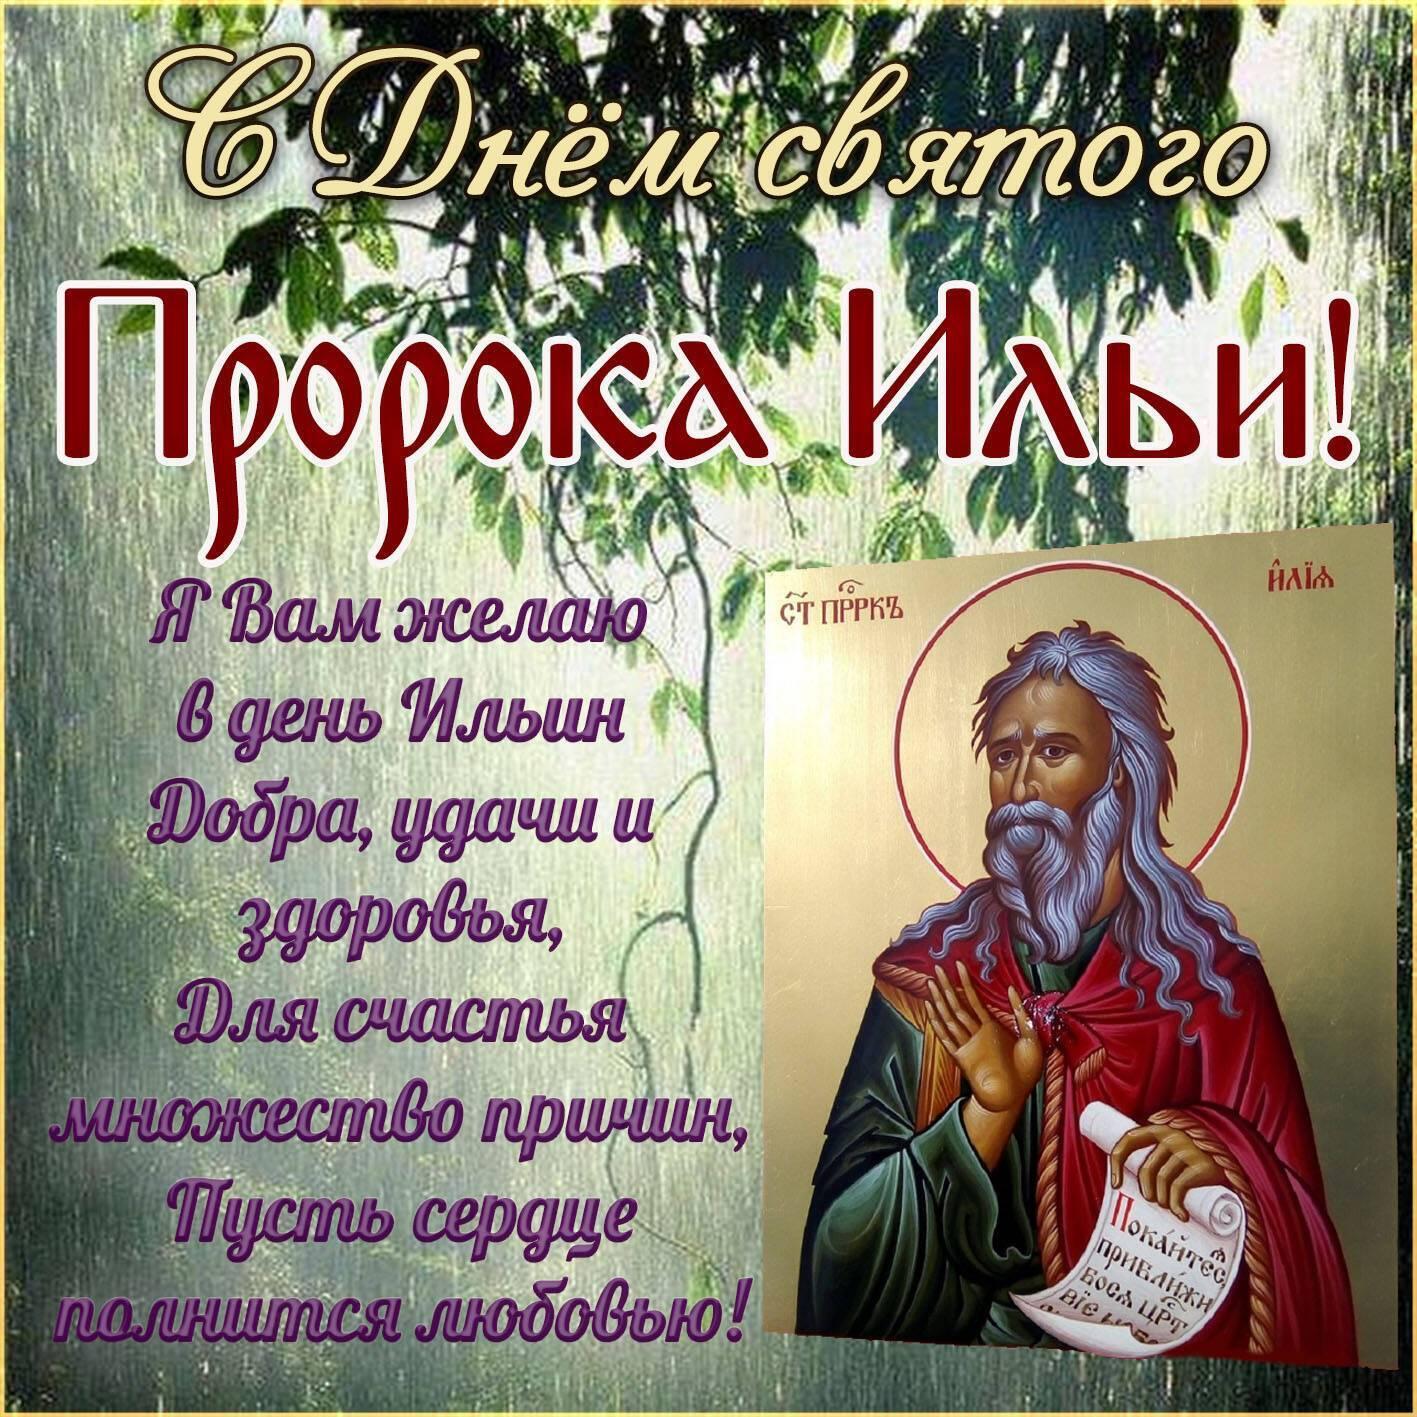 Пожелания в Ильин день